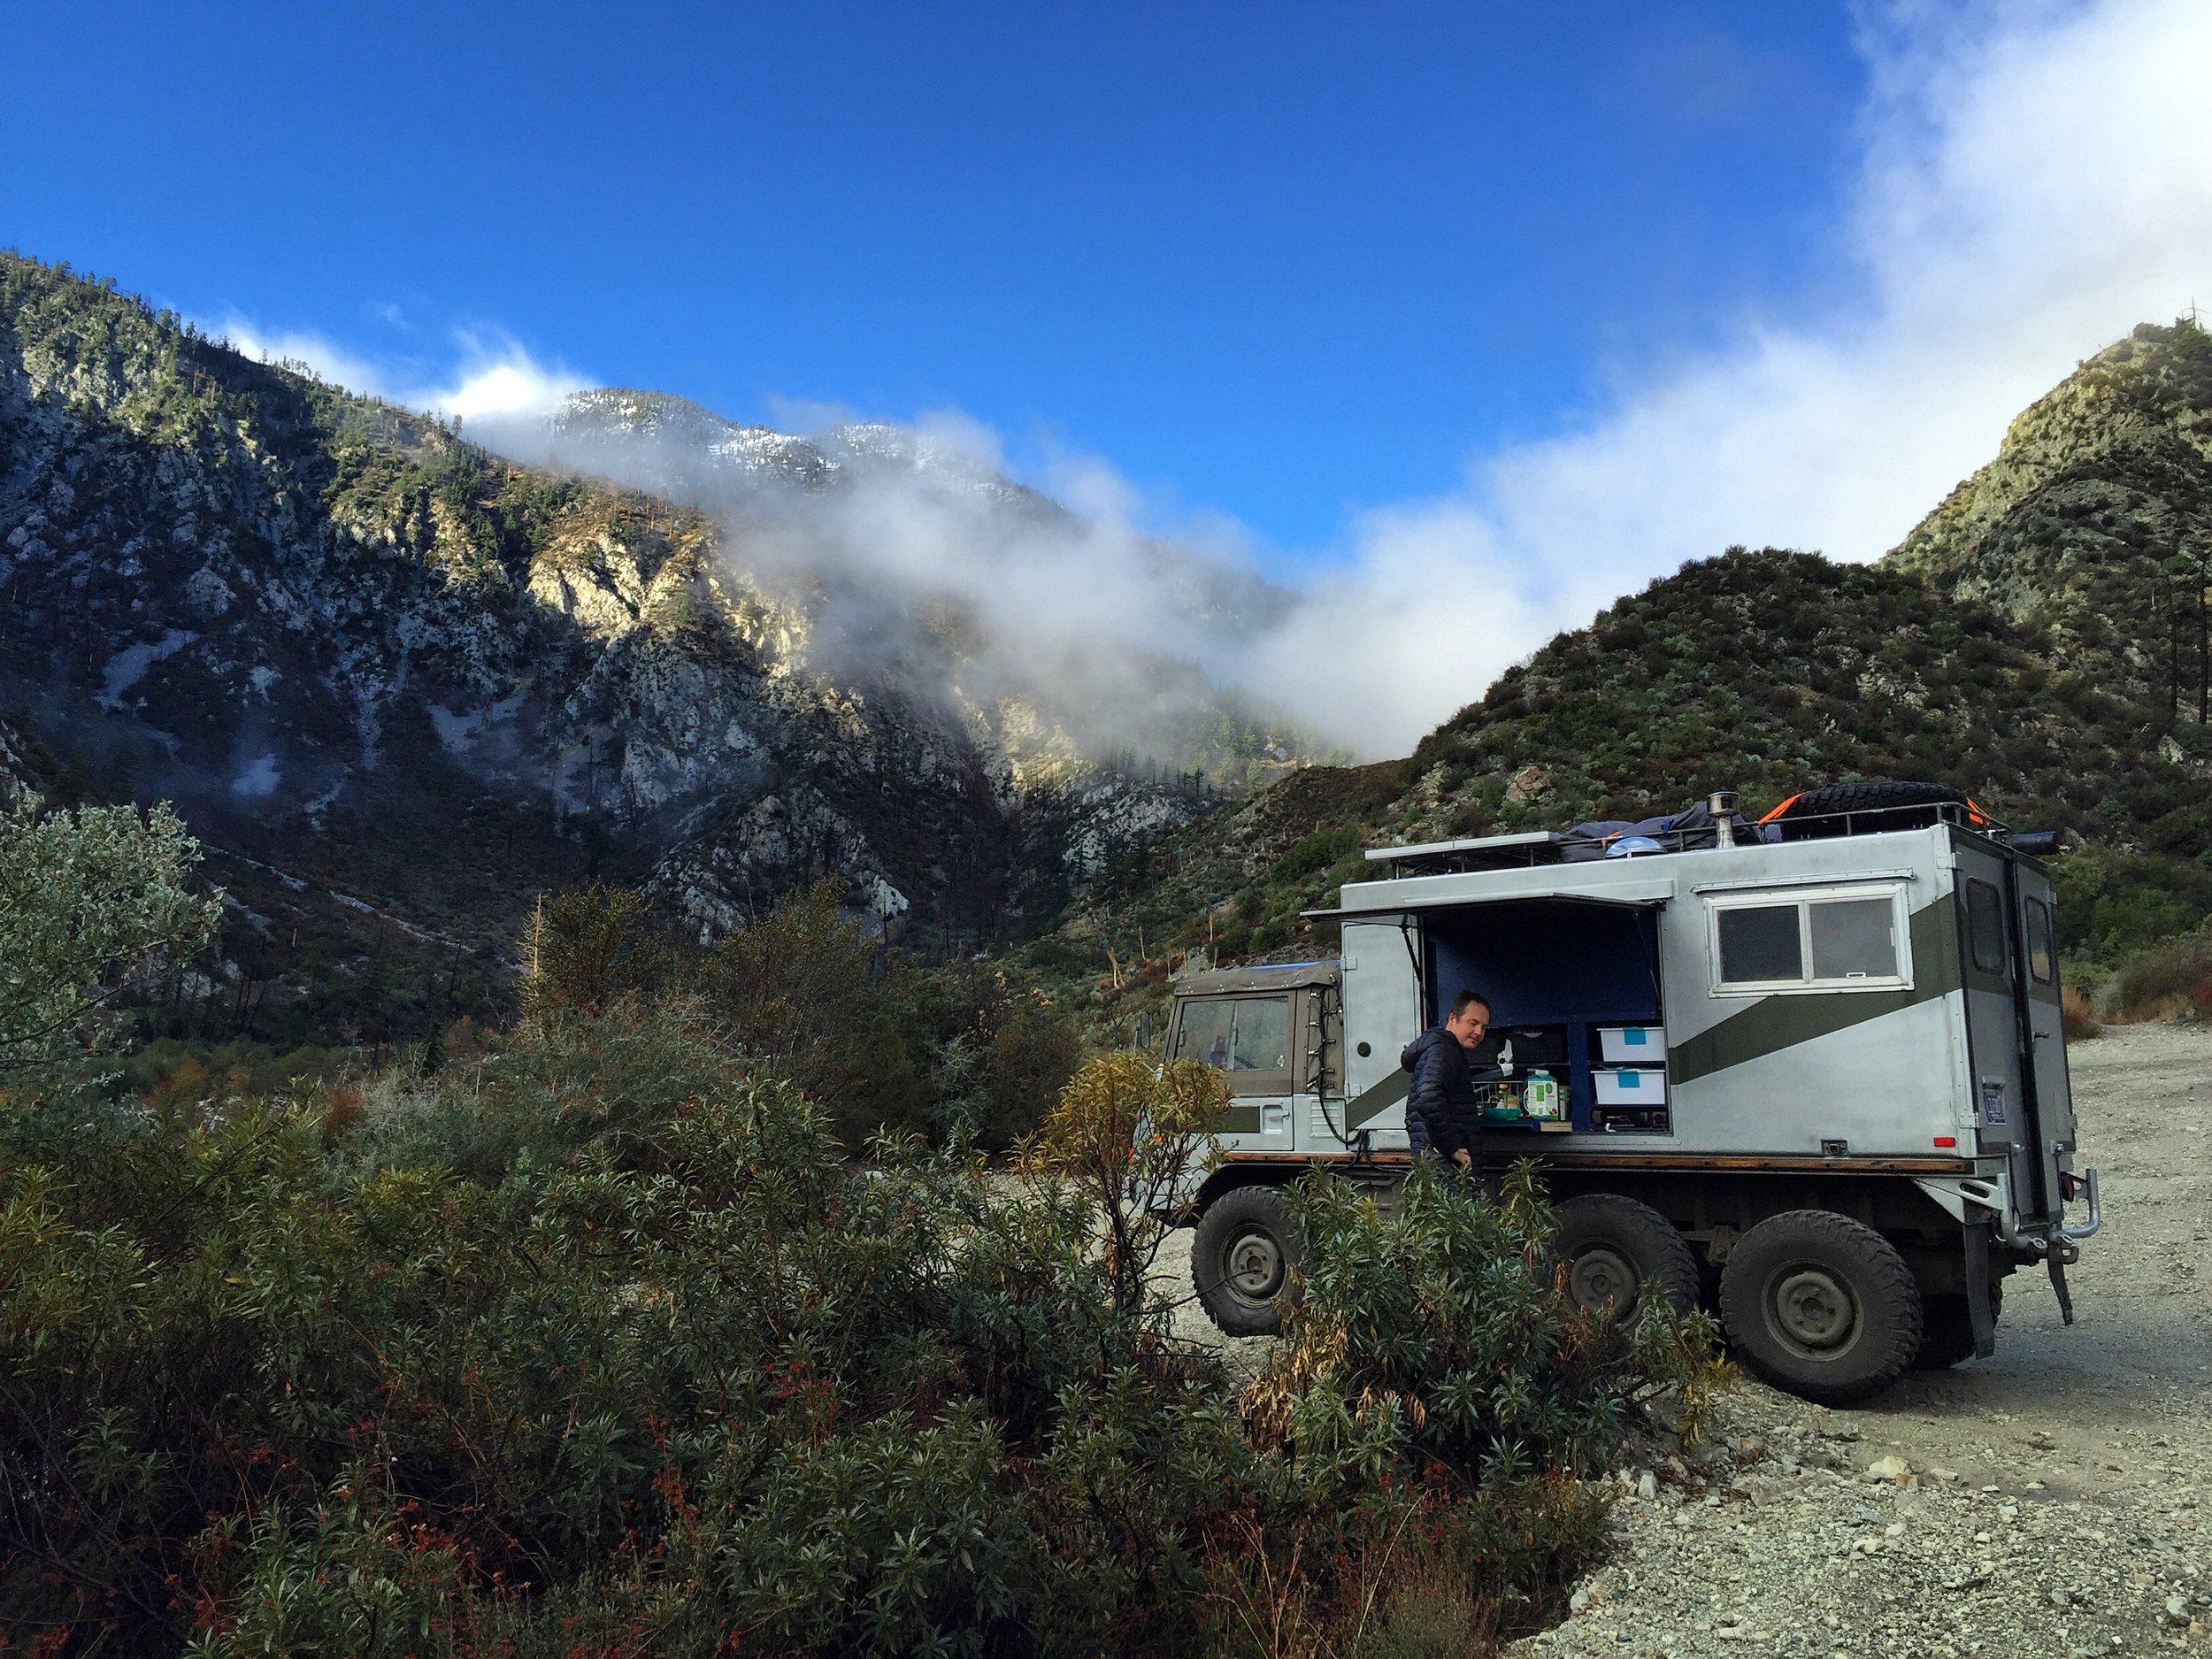 Camping above San Bernadino because the Walmarts wouldn't have us.